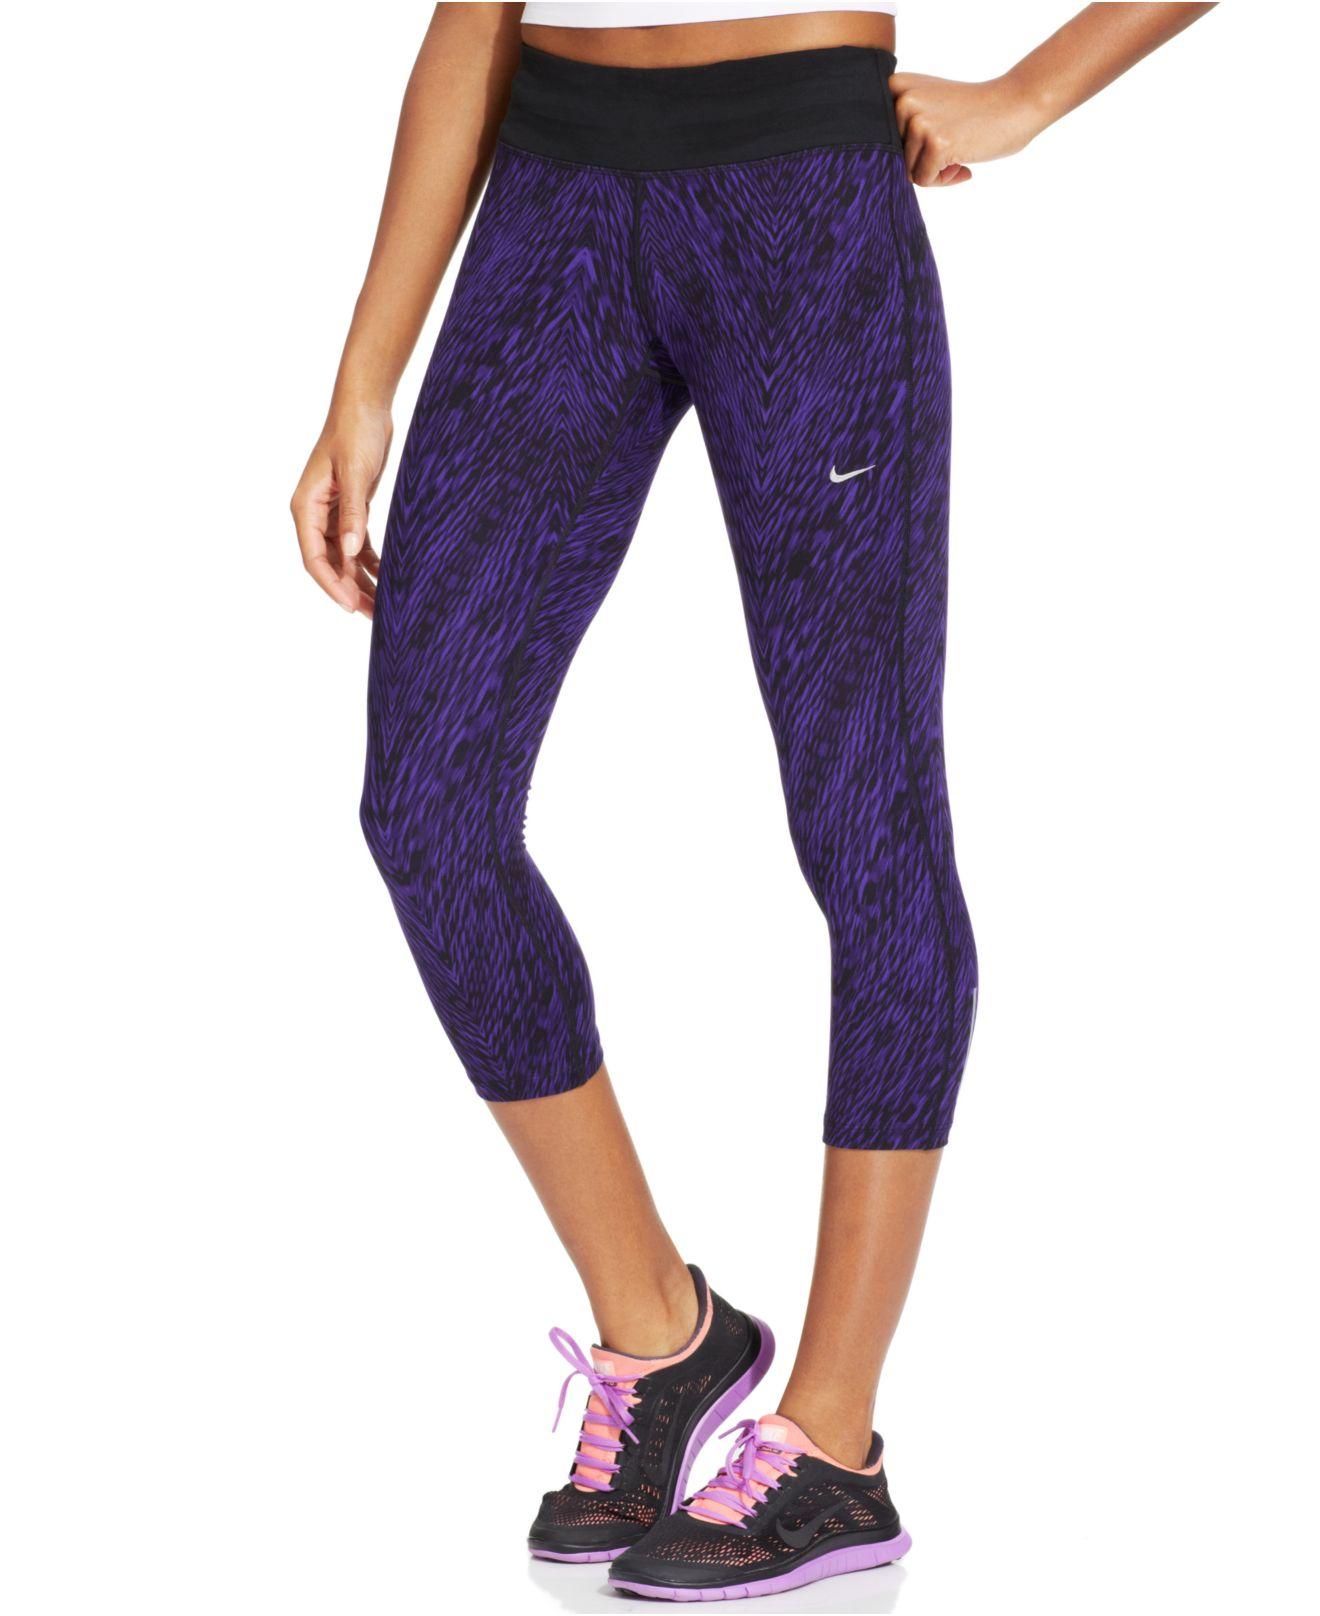 02d63cc35a869 Nike Epic Run Printed Dri-Fit Capri Leggings in Purple - Lyst